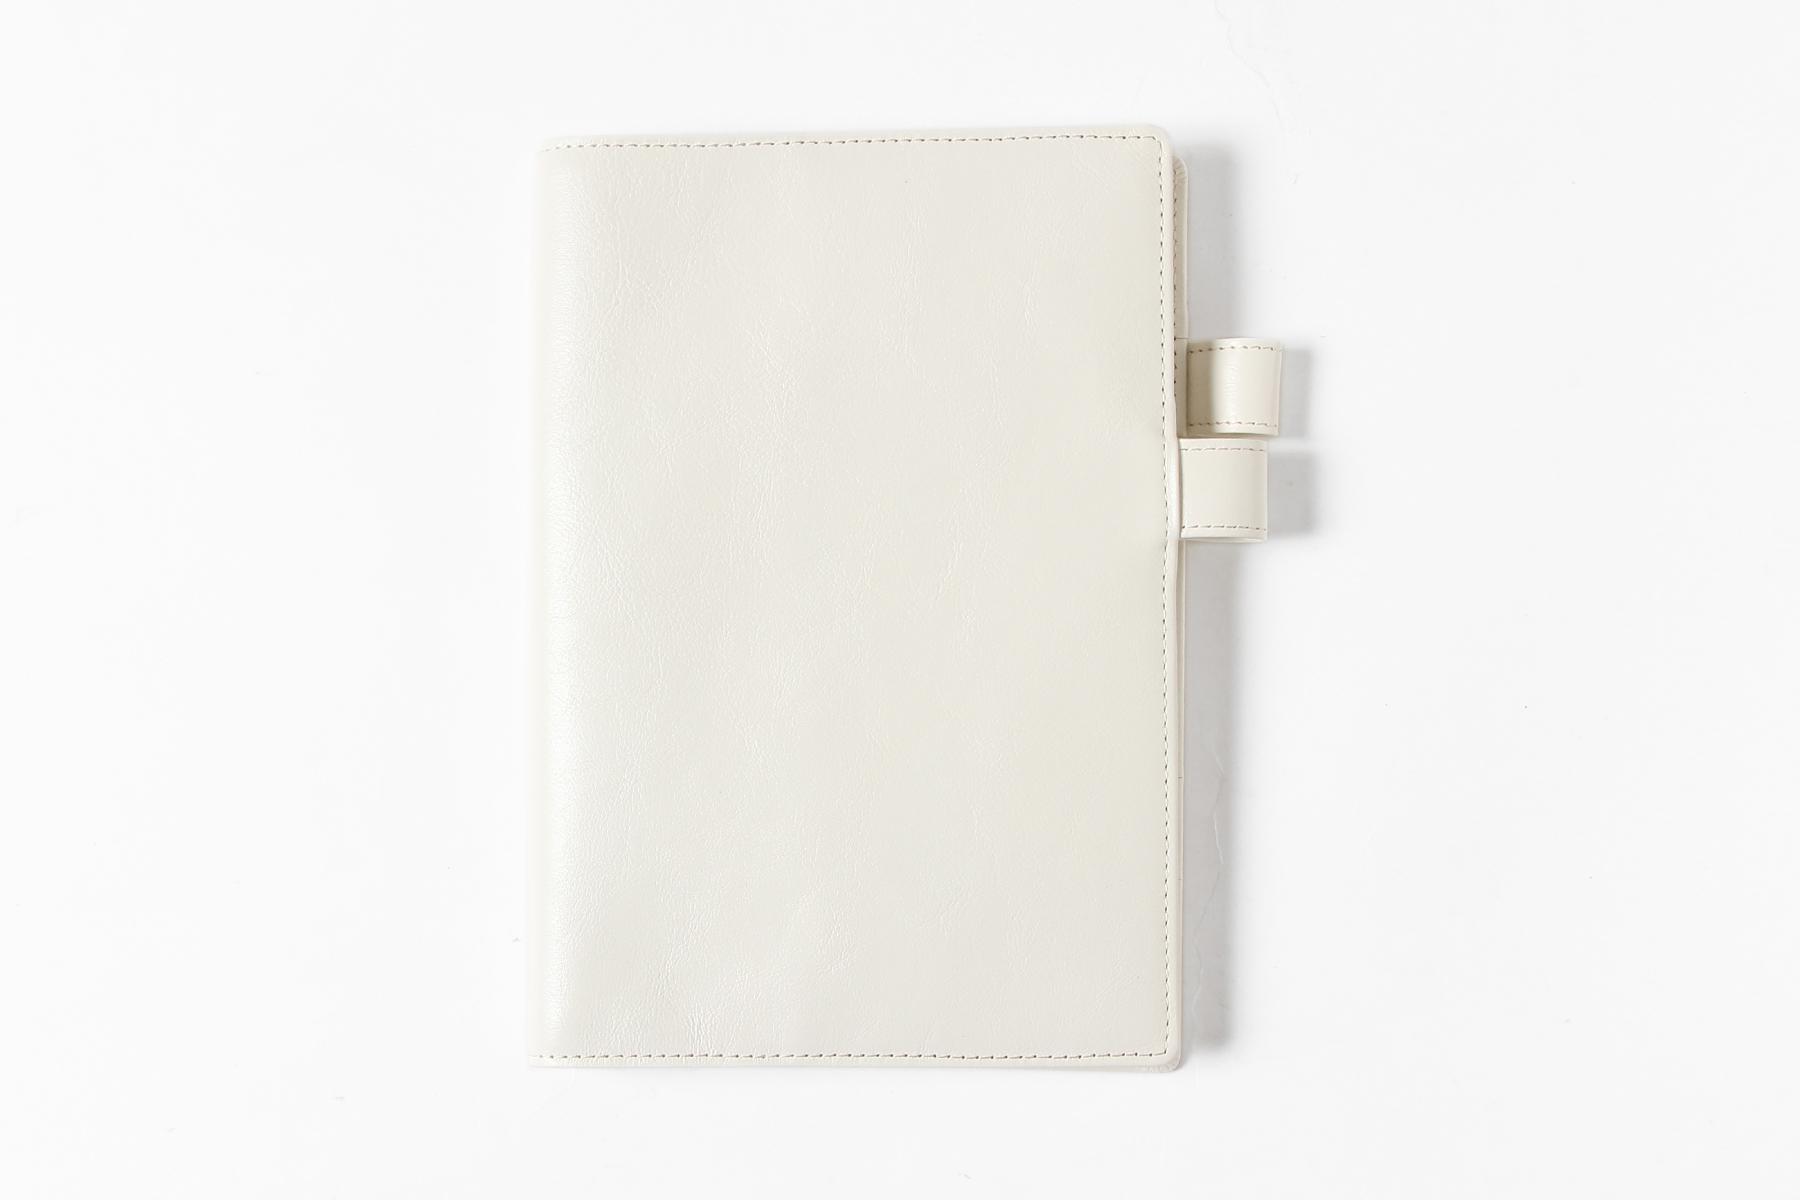 B6サイズ手帳カバー・バタフライストッパー付きのミルクホワイト